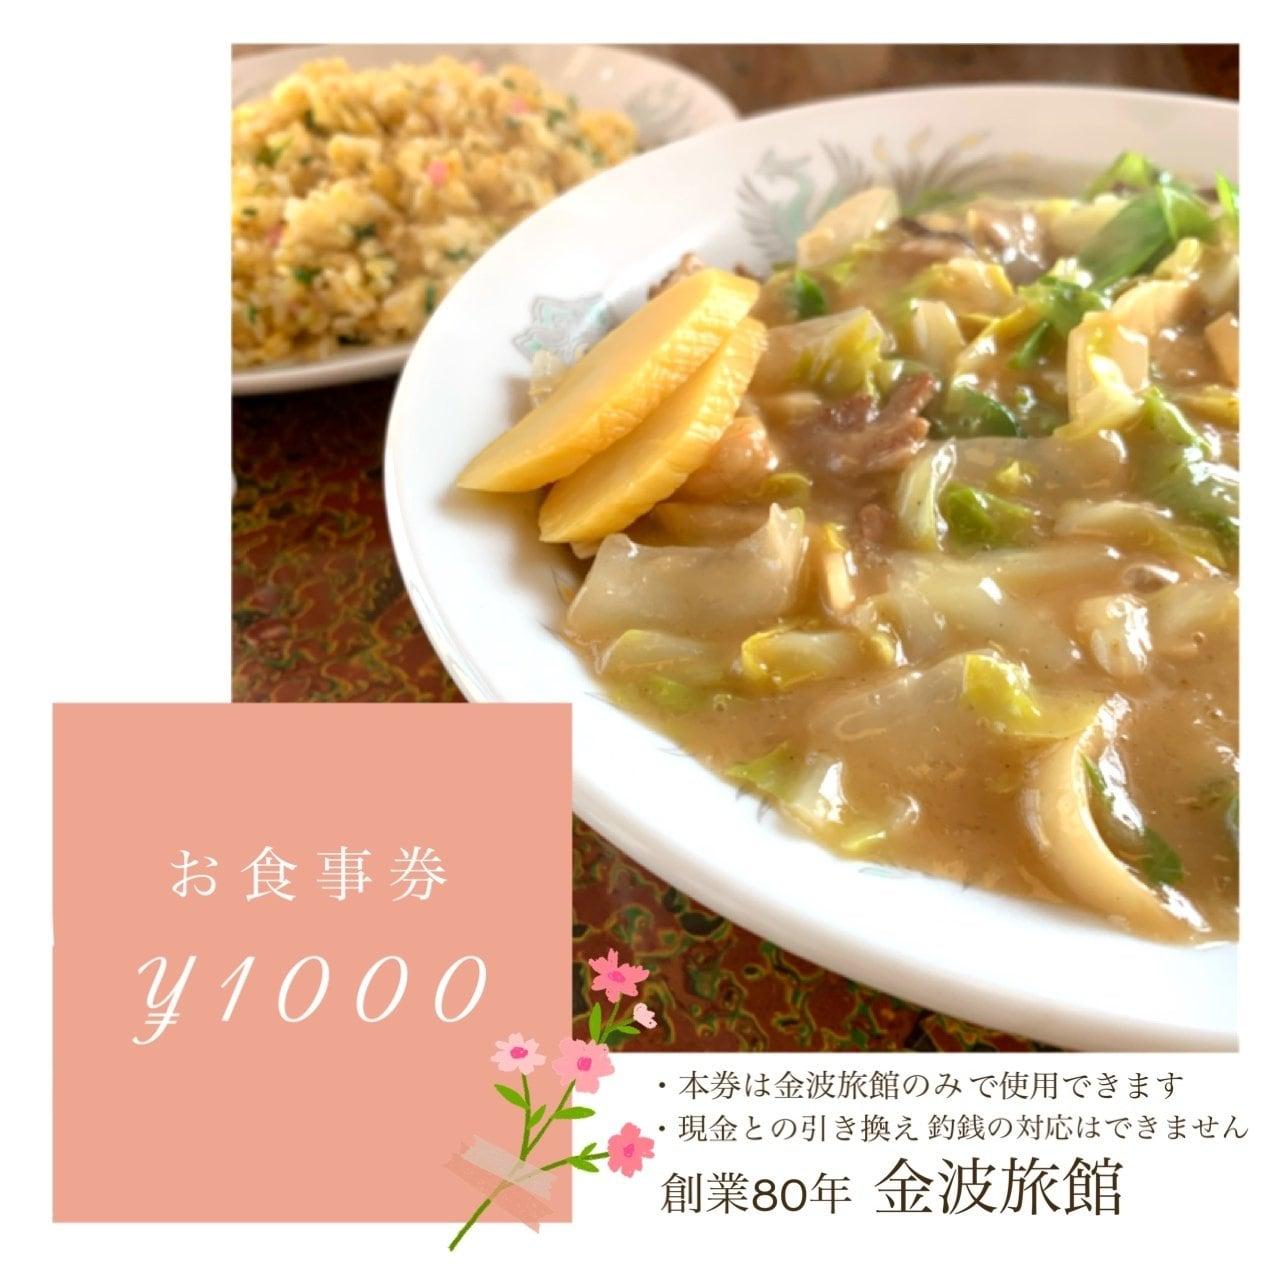 金波旅館 お食事券1000円 店頭払い限定のイメージその1